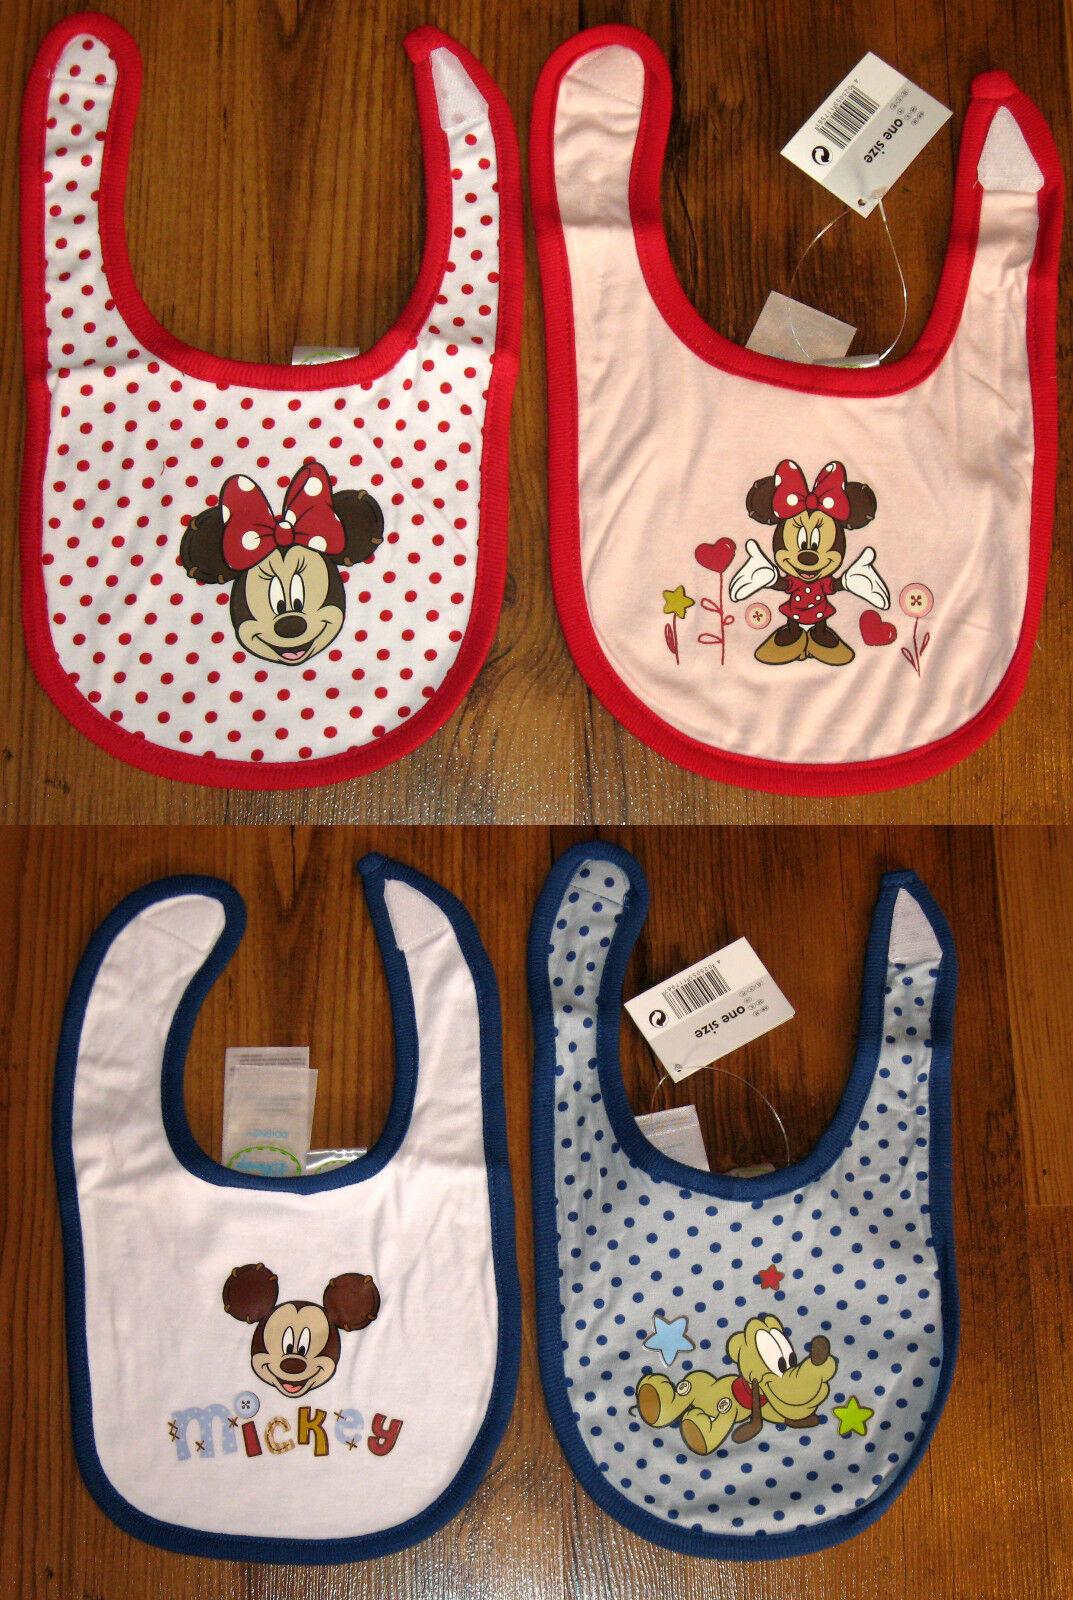 2-er Pack Lätzchen Set für Babies Disney Minie Maus oder Mickey Mouse und Pluto